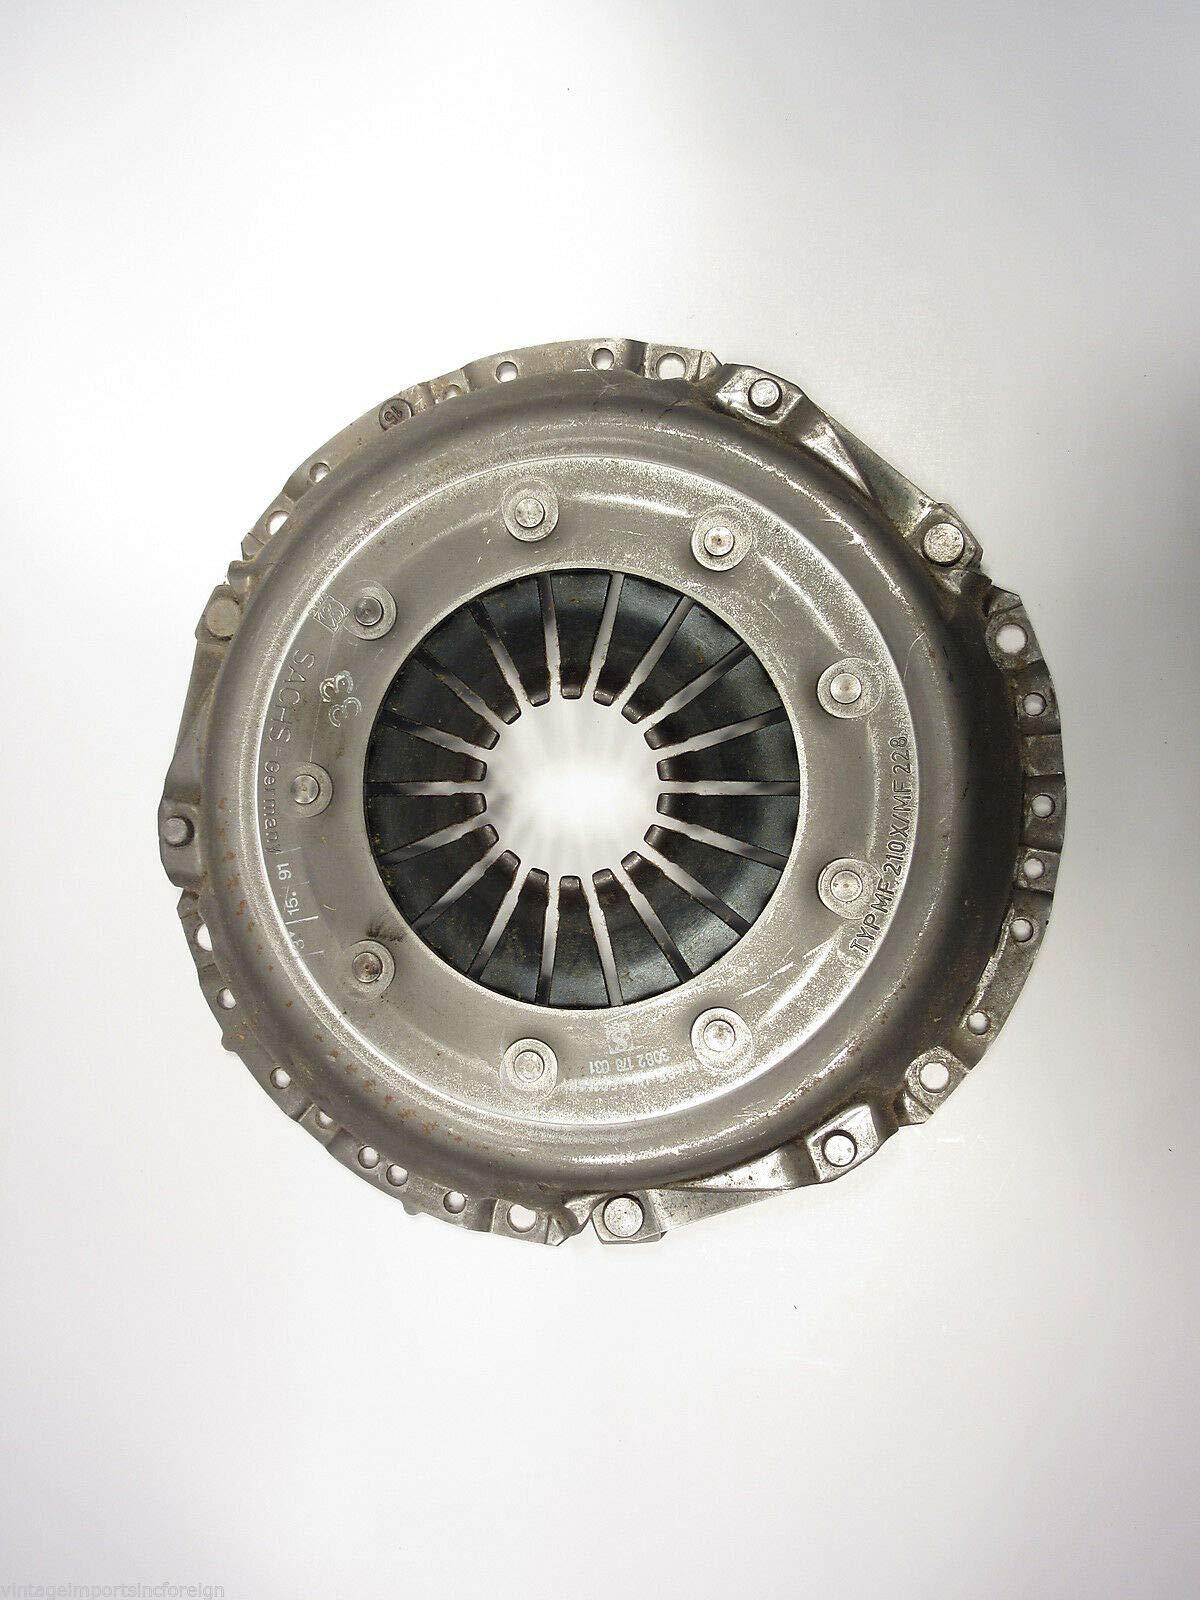 EPC Audi & New Clutch Pressure Plate 061-3607